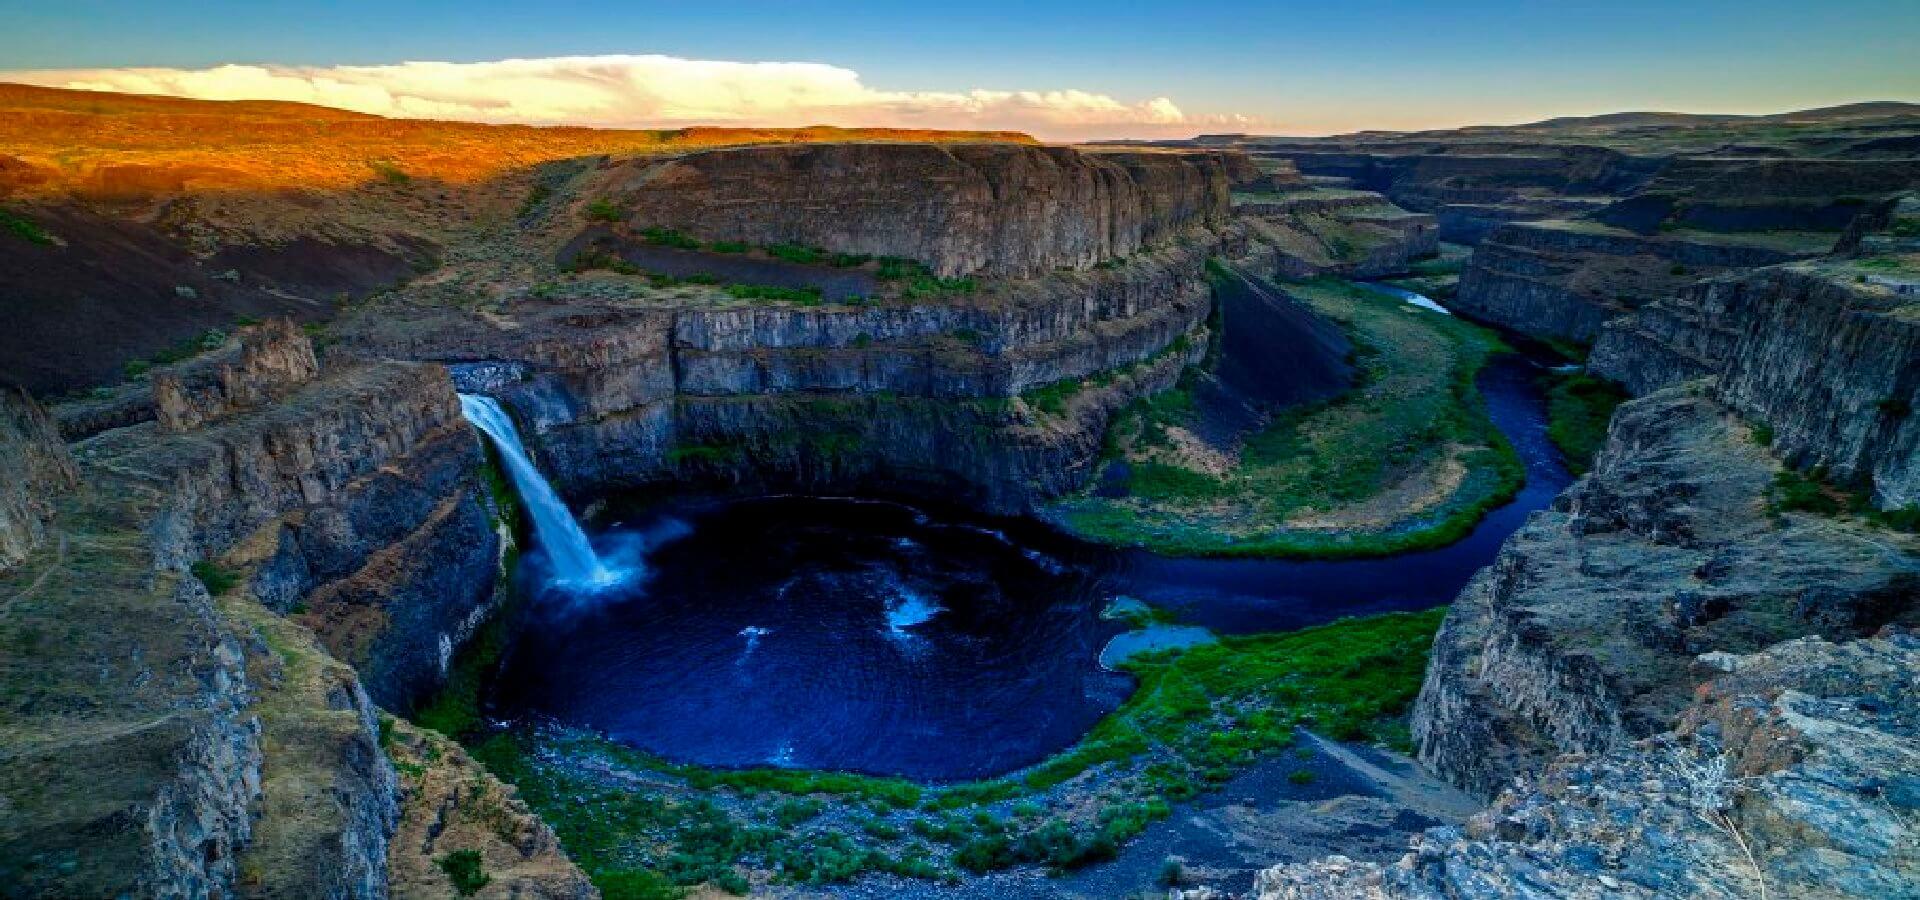 پرتگاه رودخانه پالوس که بوسیله سومین فوران آتشفشانی بزرگ در تاریخ زمین به وجود آمده است.